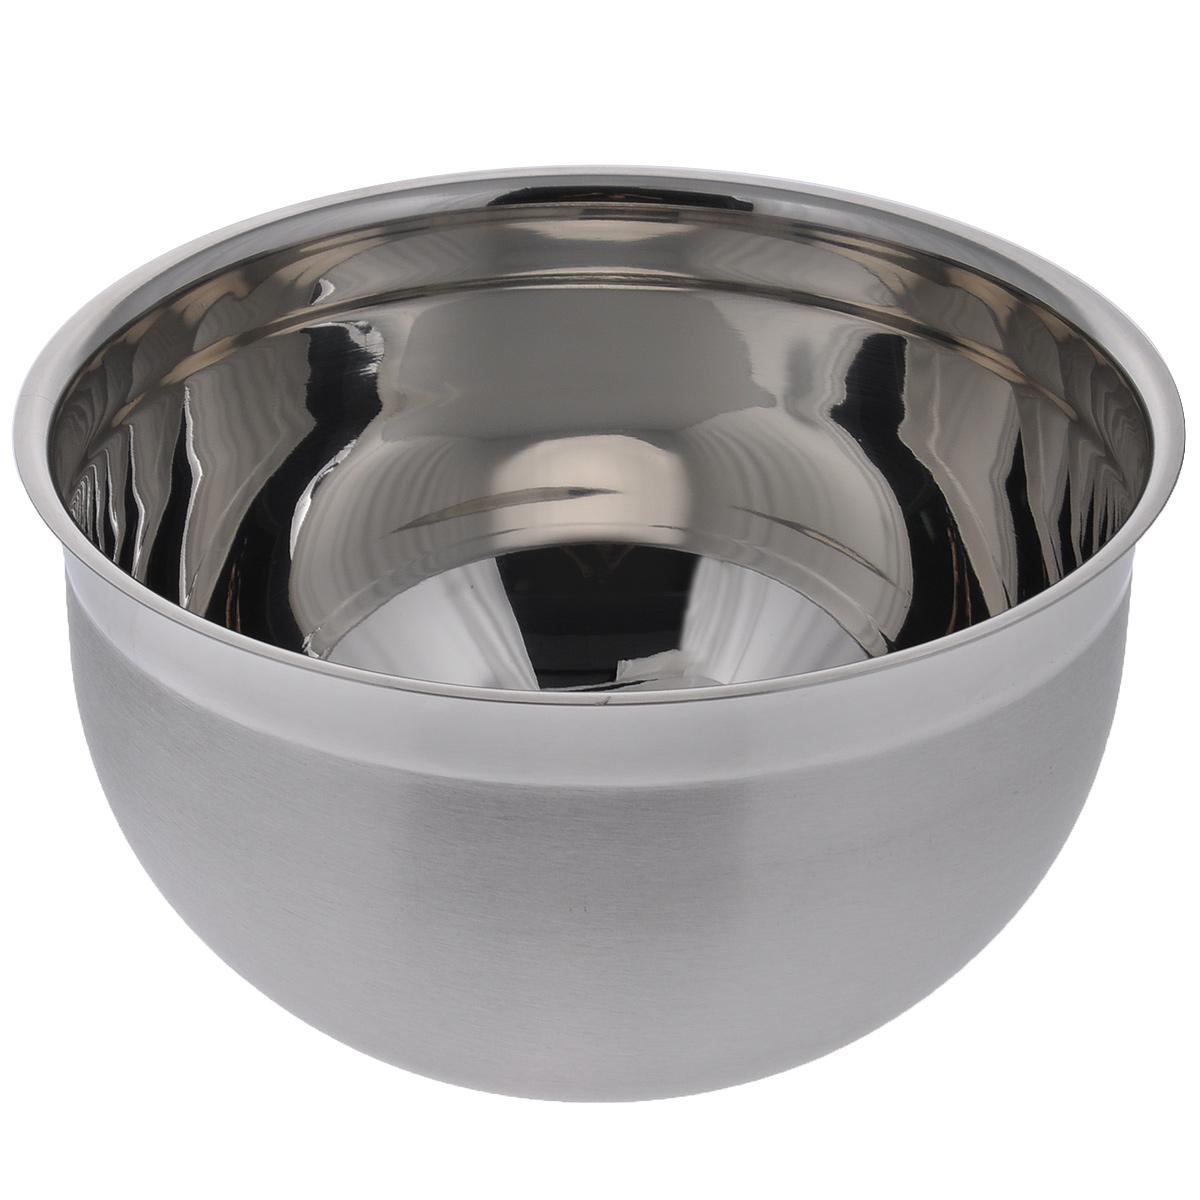 Миска Tescoma Delicia, диаметр 24 см630392Миска Tescoma Delicia, изготовленная из высококачественной нержавеющей стали, просто незаменимая вещь на кухне любой современной хозяйки. С ней приготовление и употребление пищи переходит на качественно новый уровень. Вы сможете использовать ее для замешивания теста, приготовления салата, мытья овощей и многих других кулинарных операций. Можно мыть в посудомоечной машине.